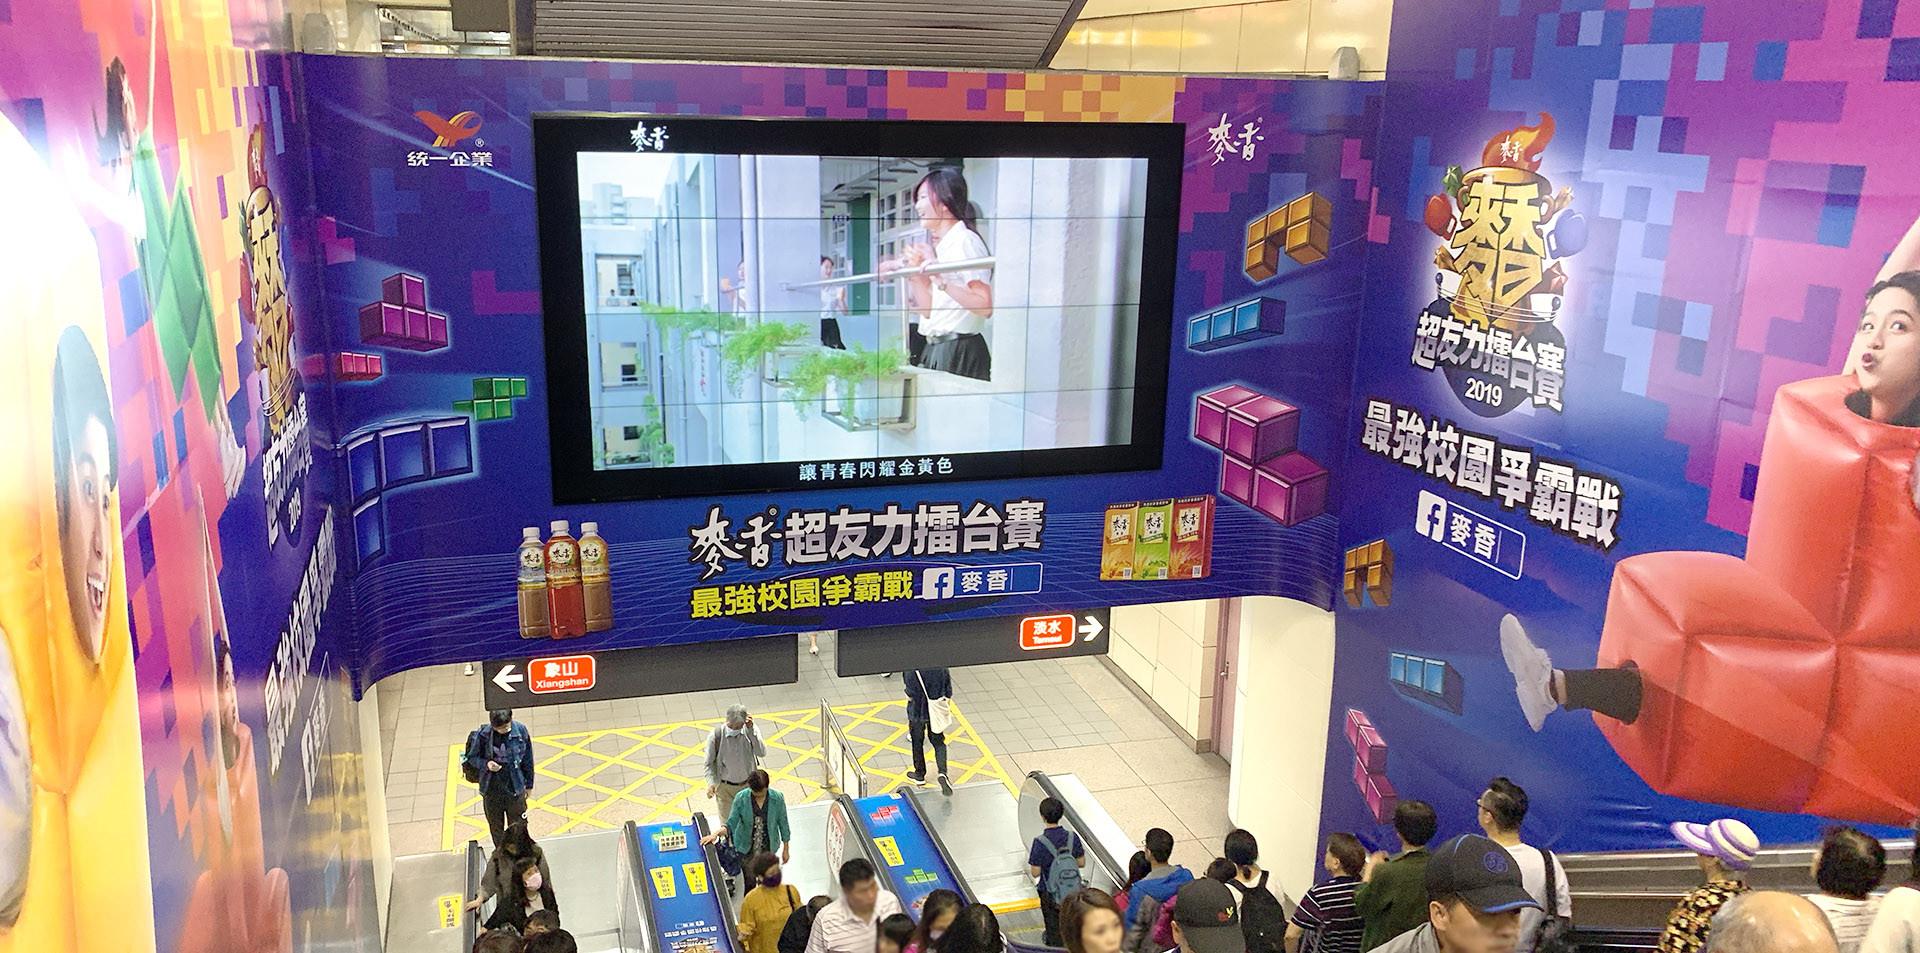 台北捷運廣告刊登 統一麥香超有力擂台賽